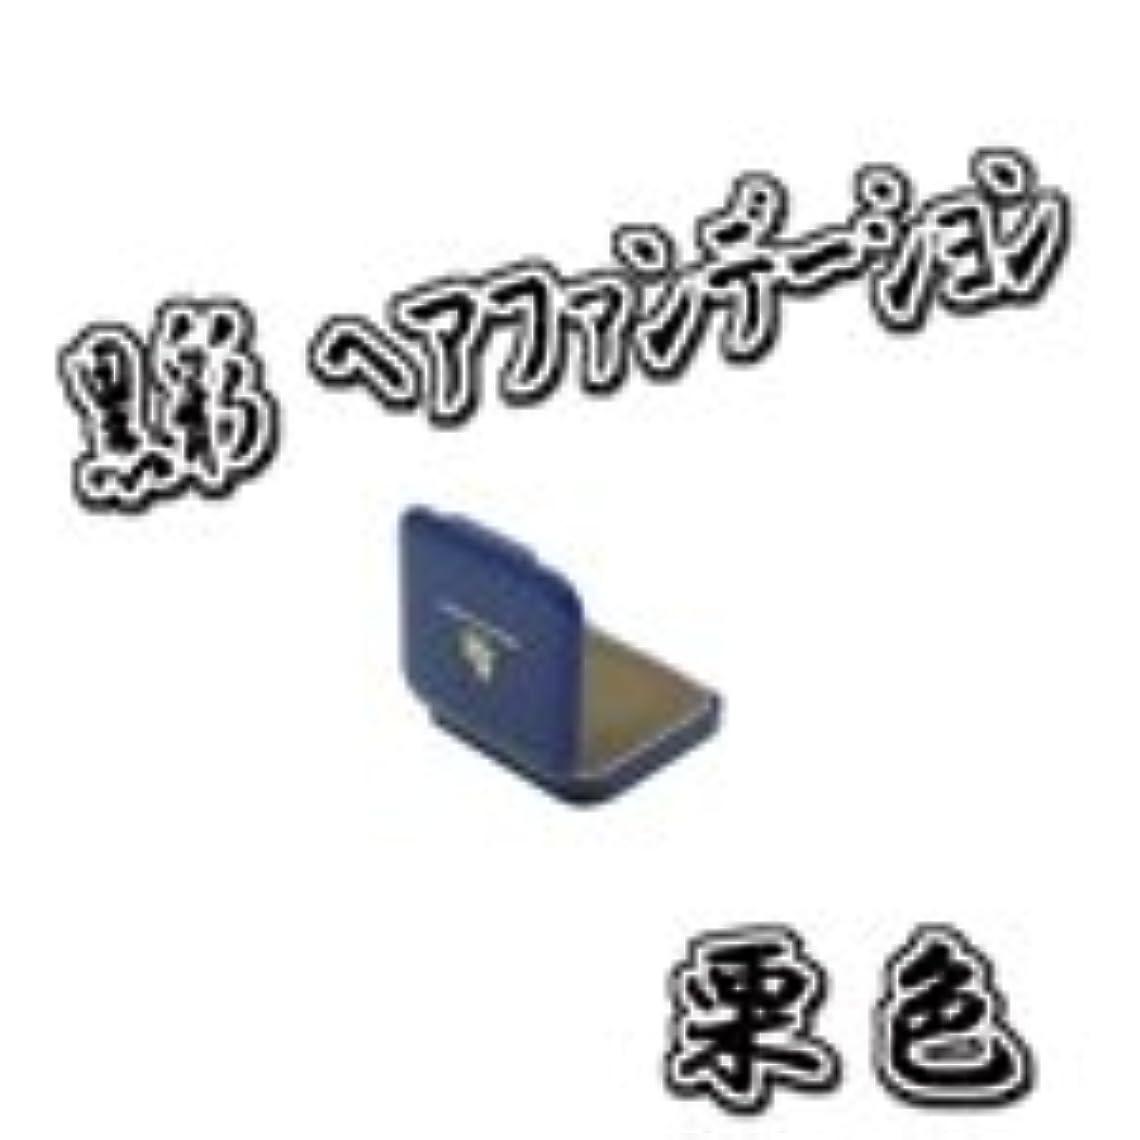 メール船形描くAMOROS アモロス 黒彩 ヘアファンデーション 【栗】 13g ミニケース パフ付